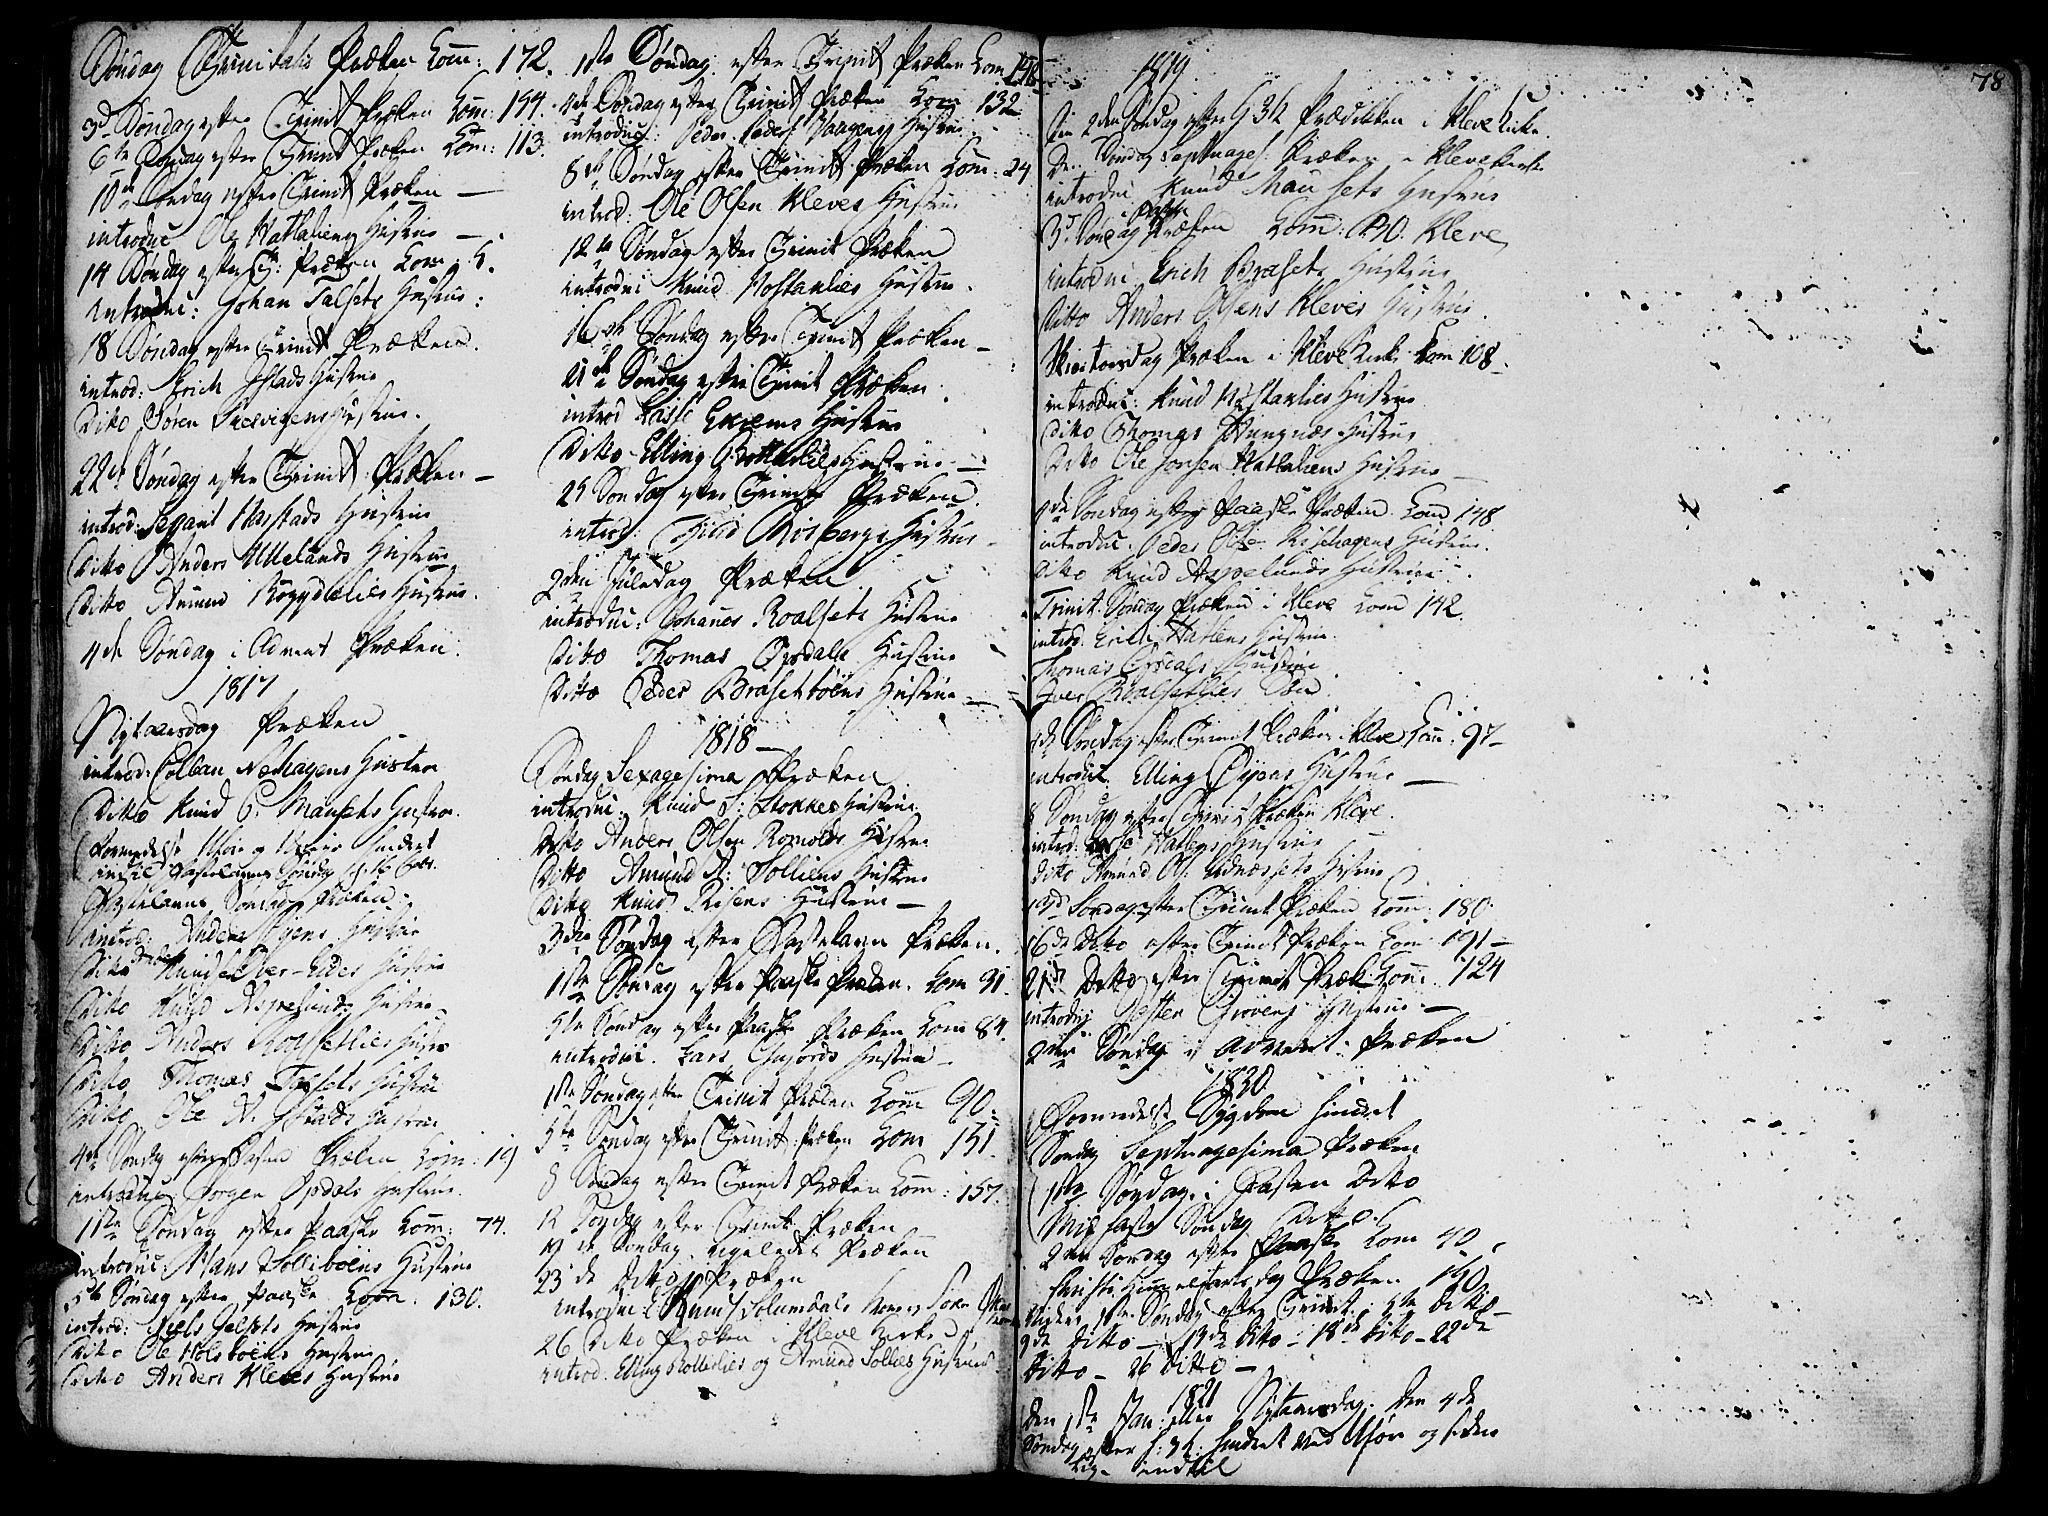 SAT, Ministerialprotokoller, klokkerbøker og fødselsregistre - Møre og Romsdal, 555/L0650: Ministerialbok nr. 555A02 /2, 1798-1821, s. 78